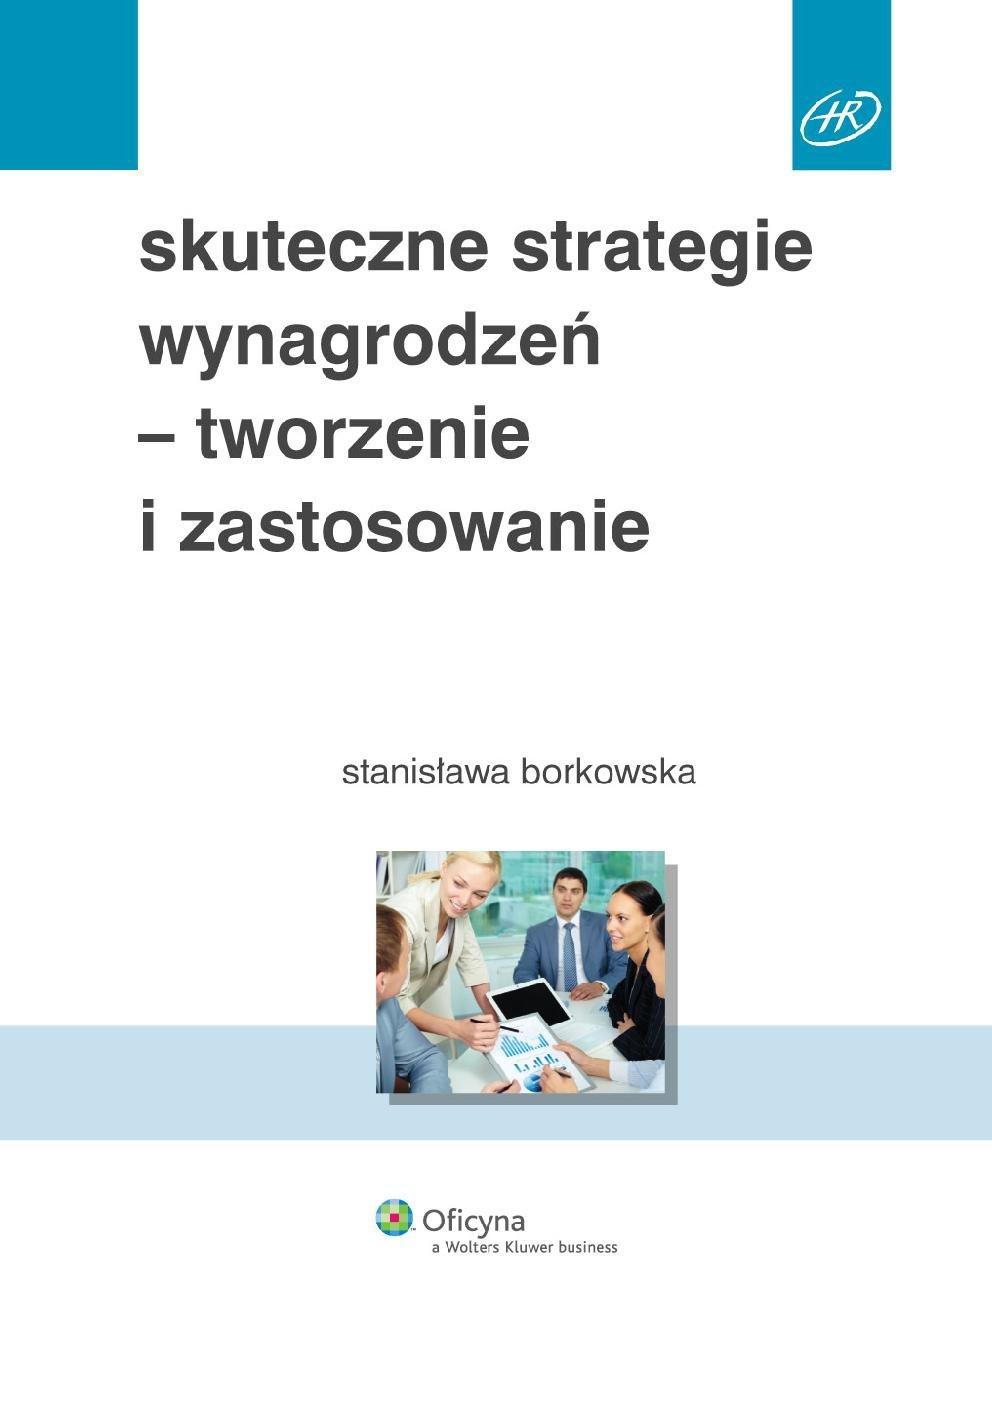 Skuteczne strategie wynagrodzeń - tworzenie i zastosowanie - Ebook (Książka PDF) do pobrania w formacie PDF